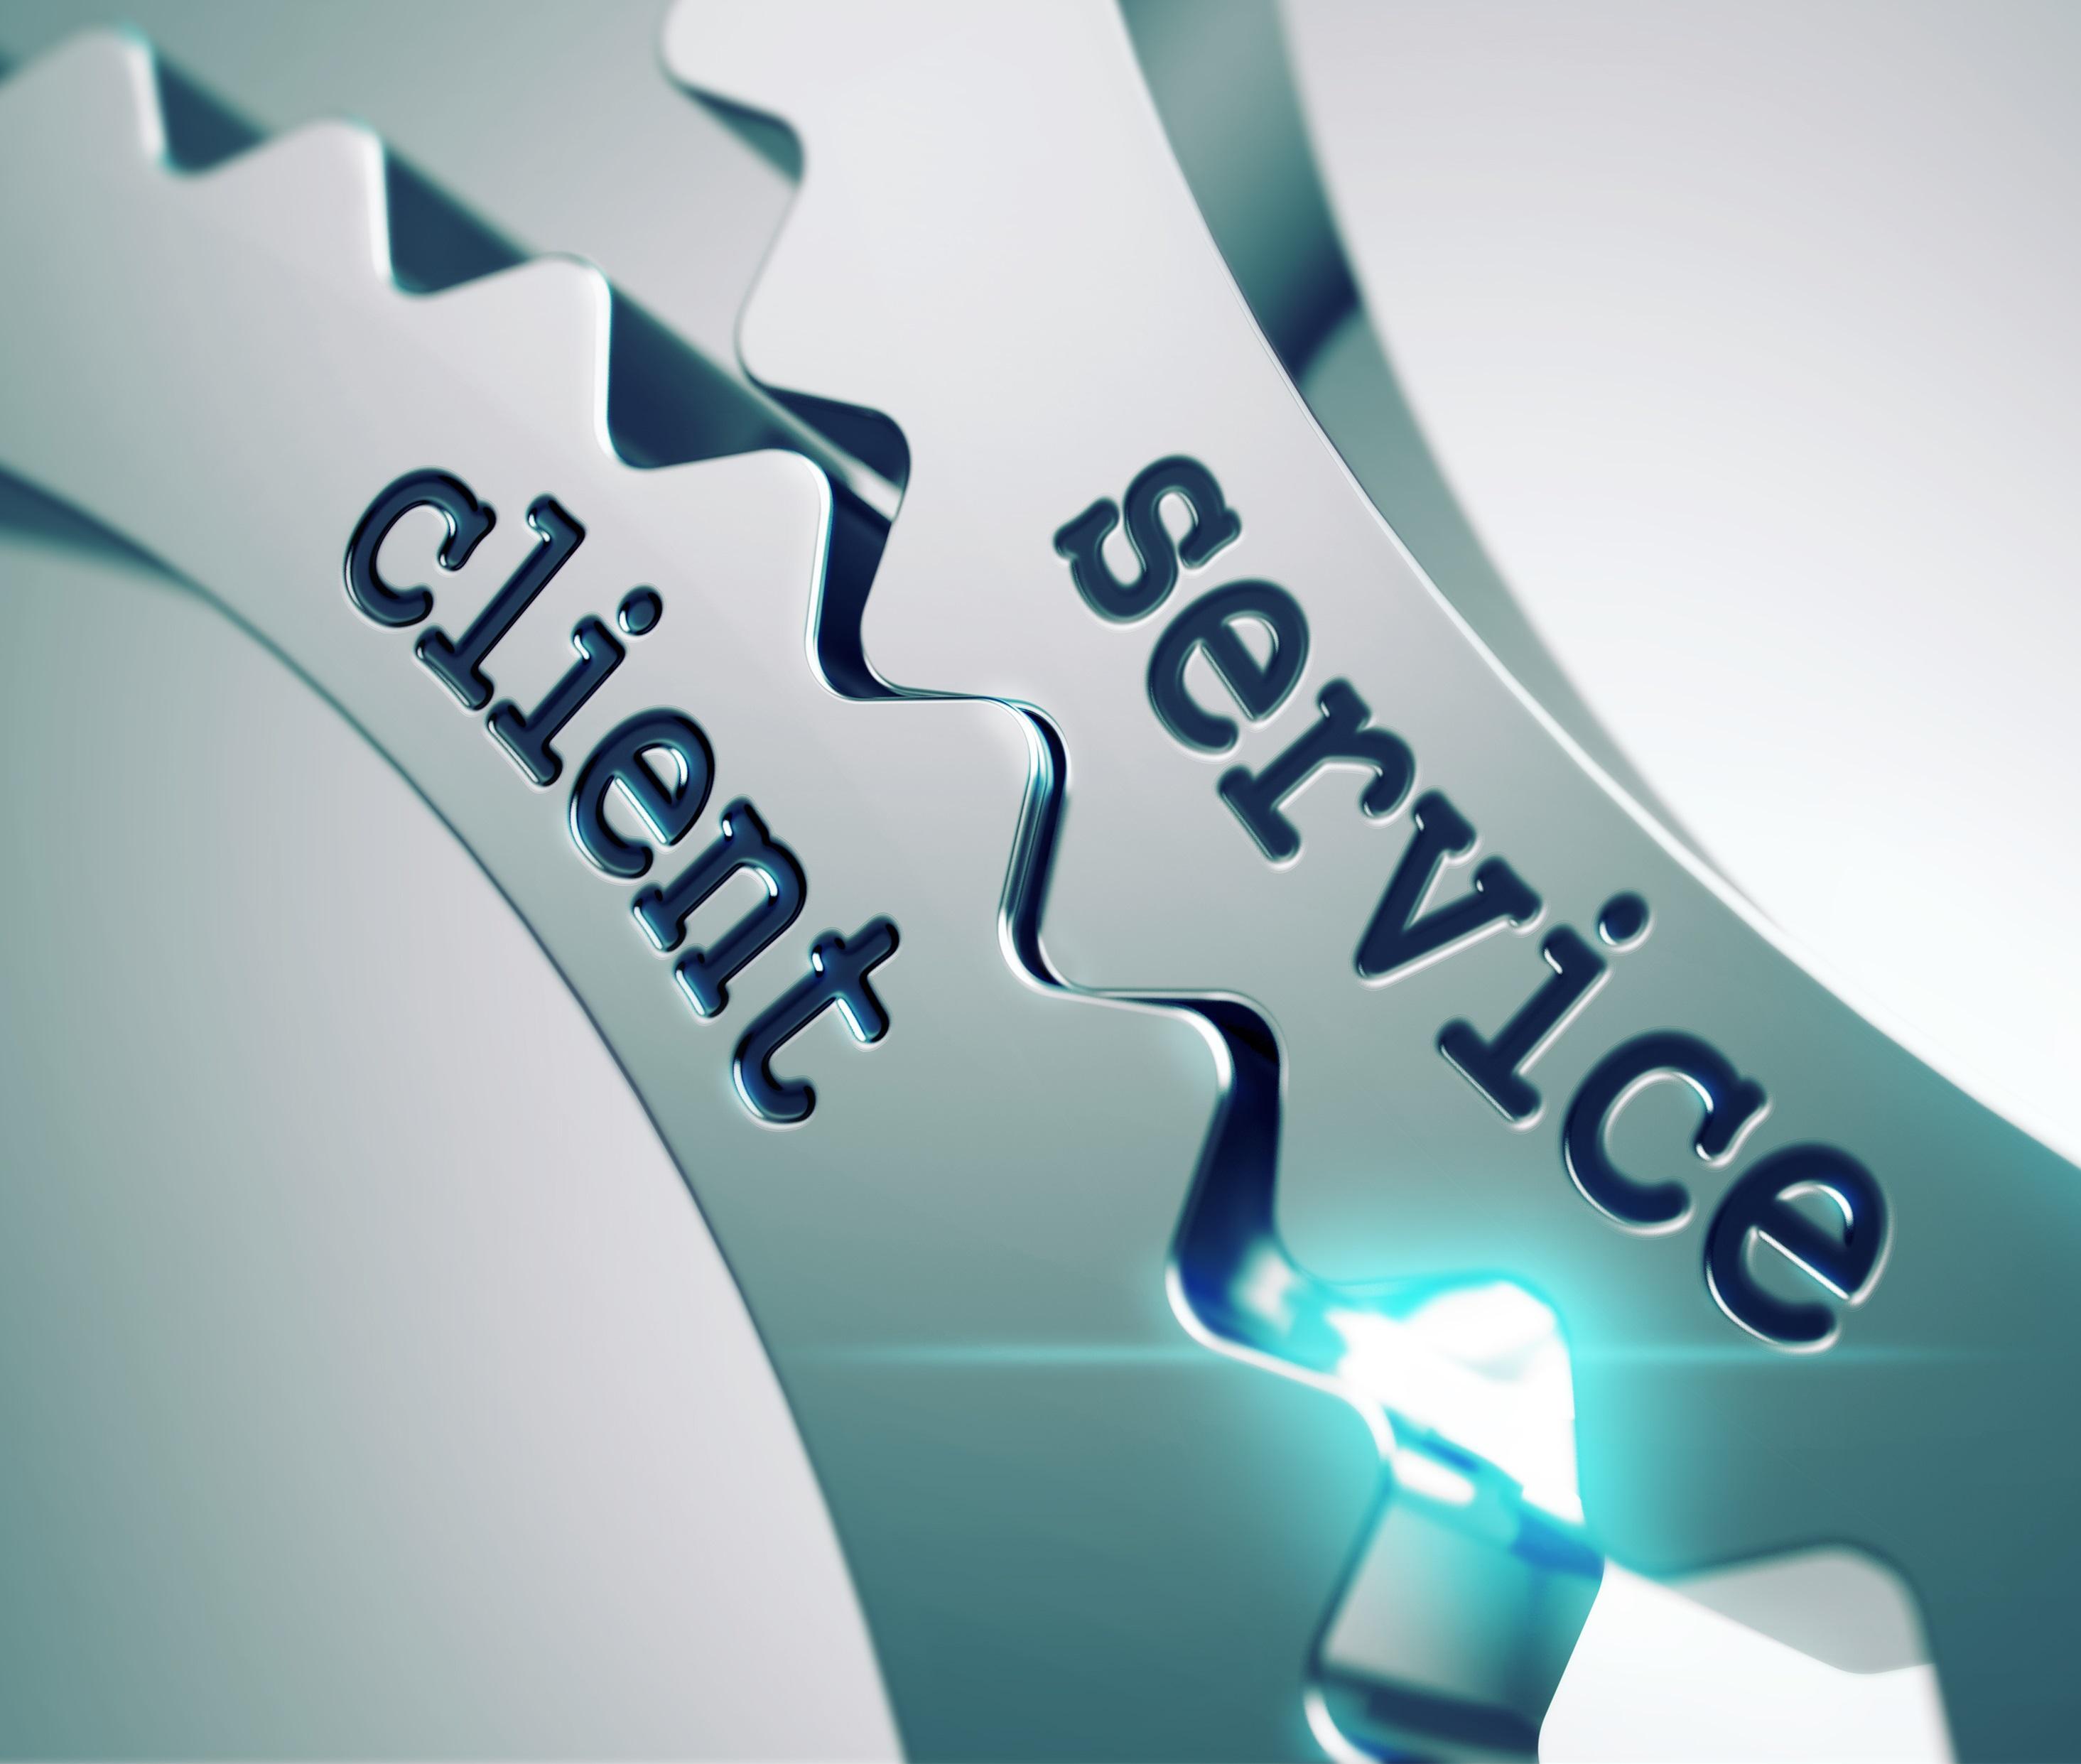 Comment contacter le service client PCS Mastercard?